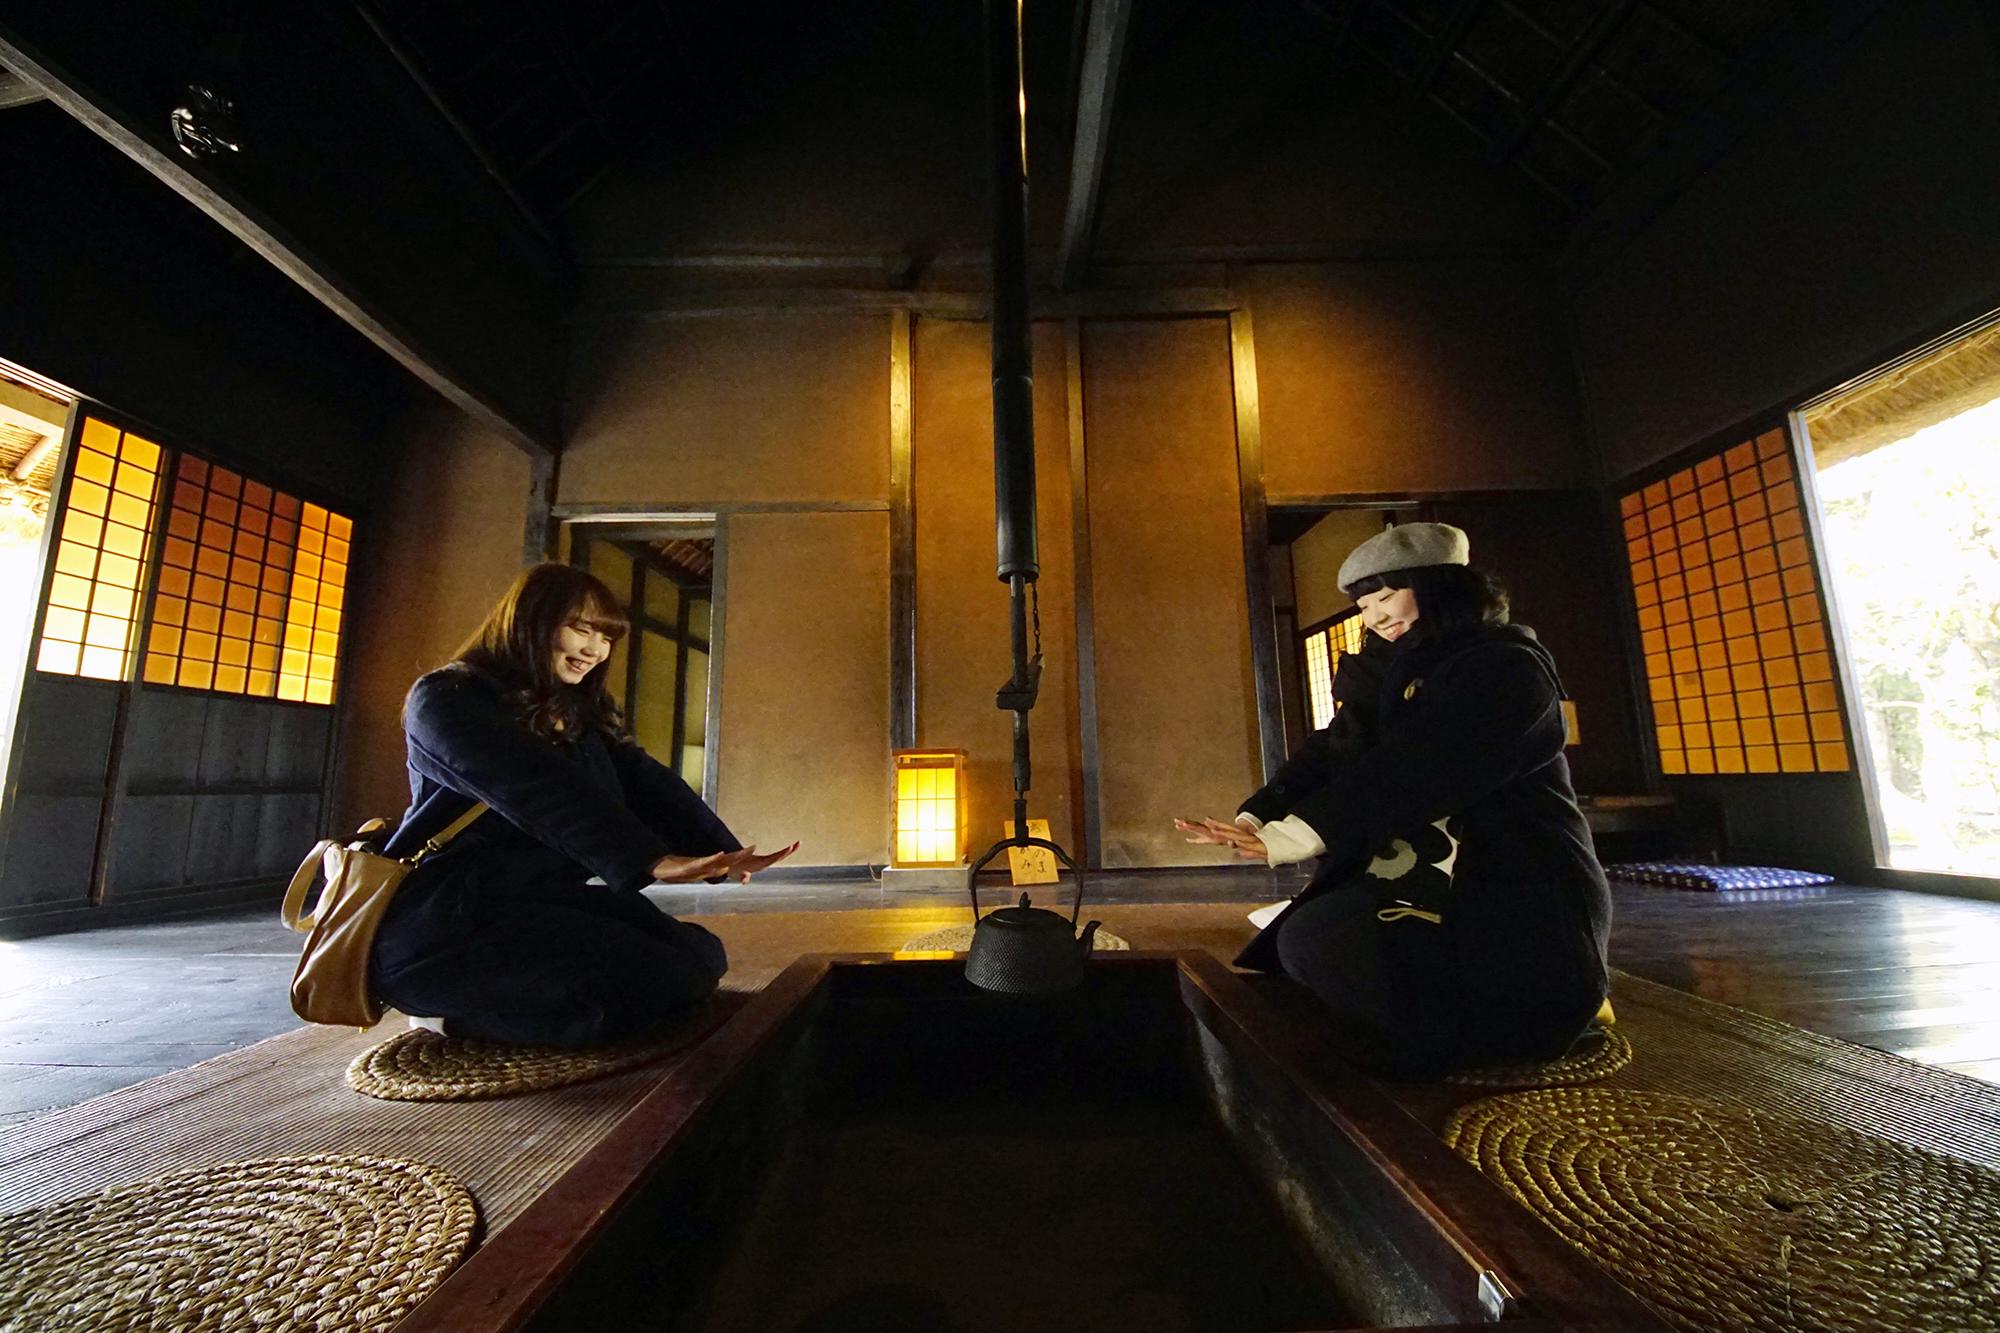 光と囲炉裏がつくる暖かな空間